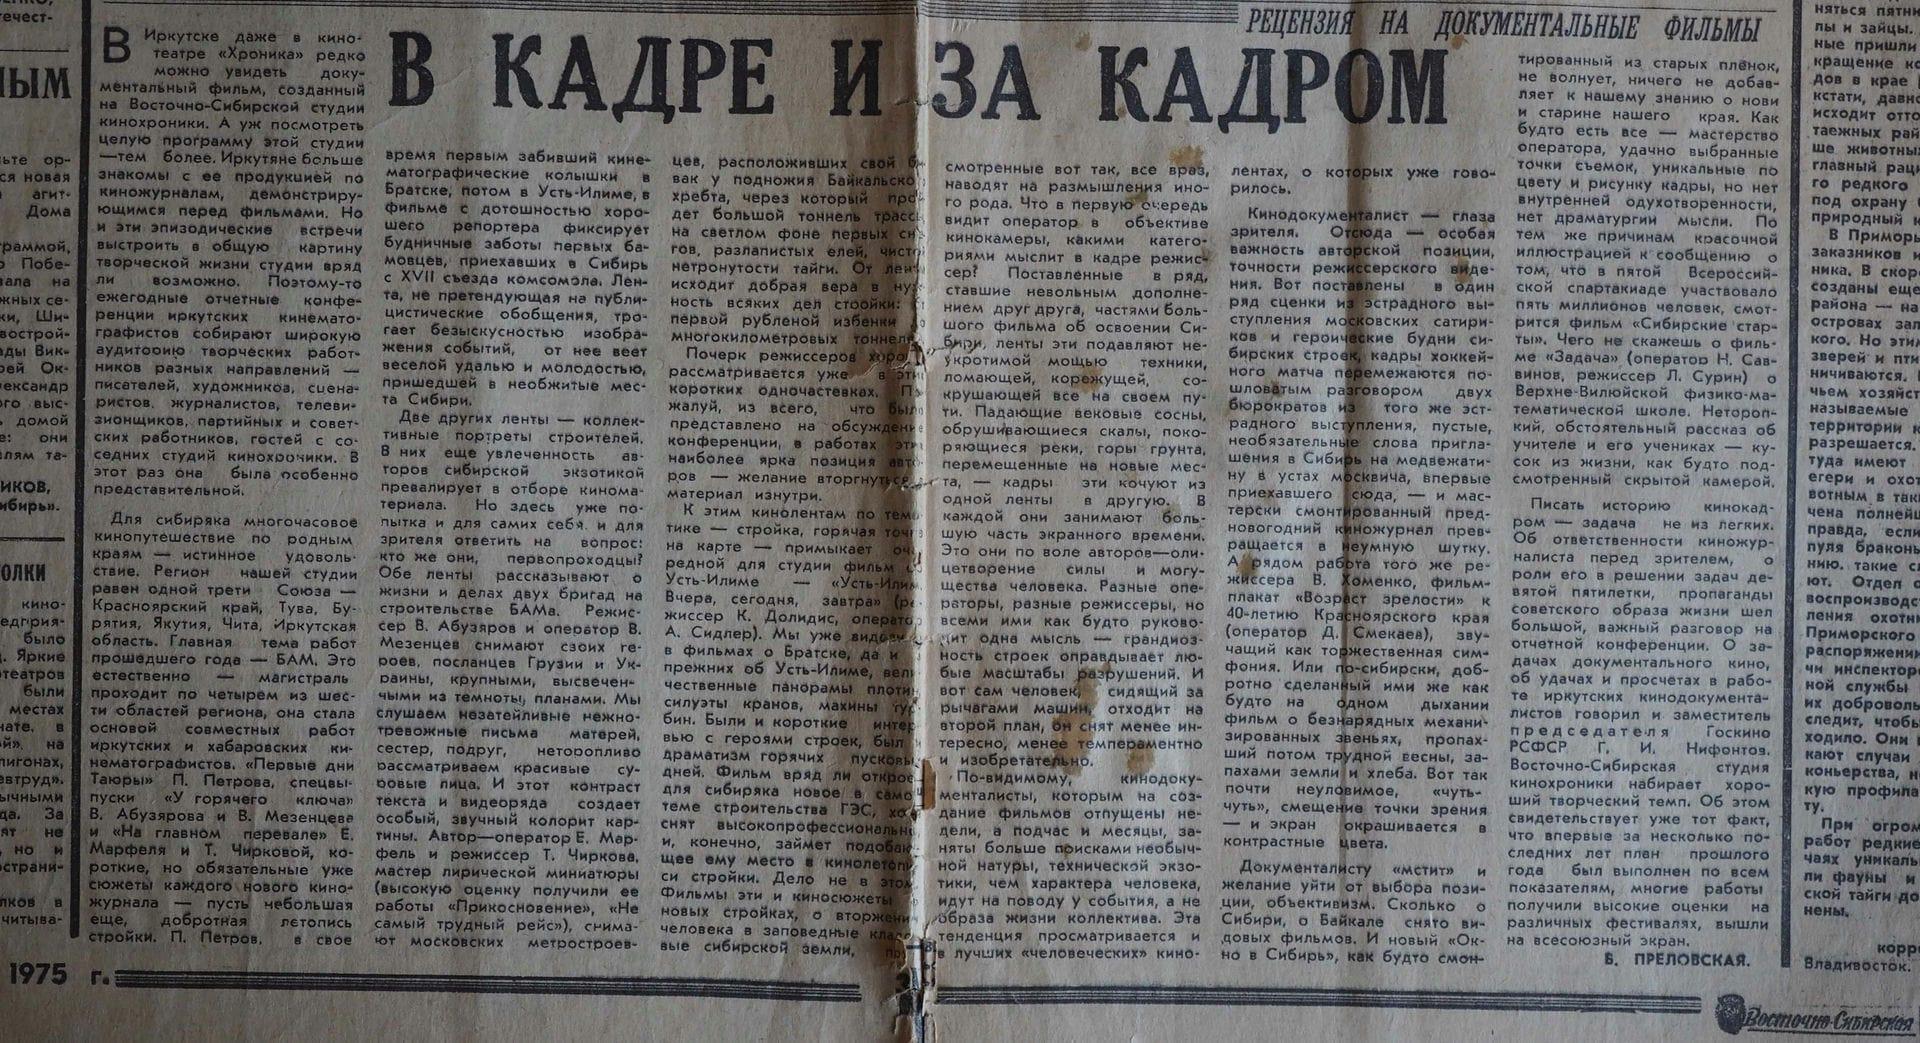 Экспонат #10. Газета «Восточно-Сибирская правда». 1975 год